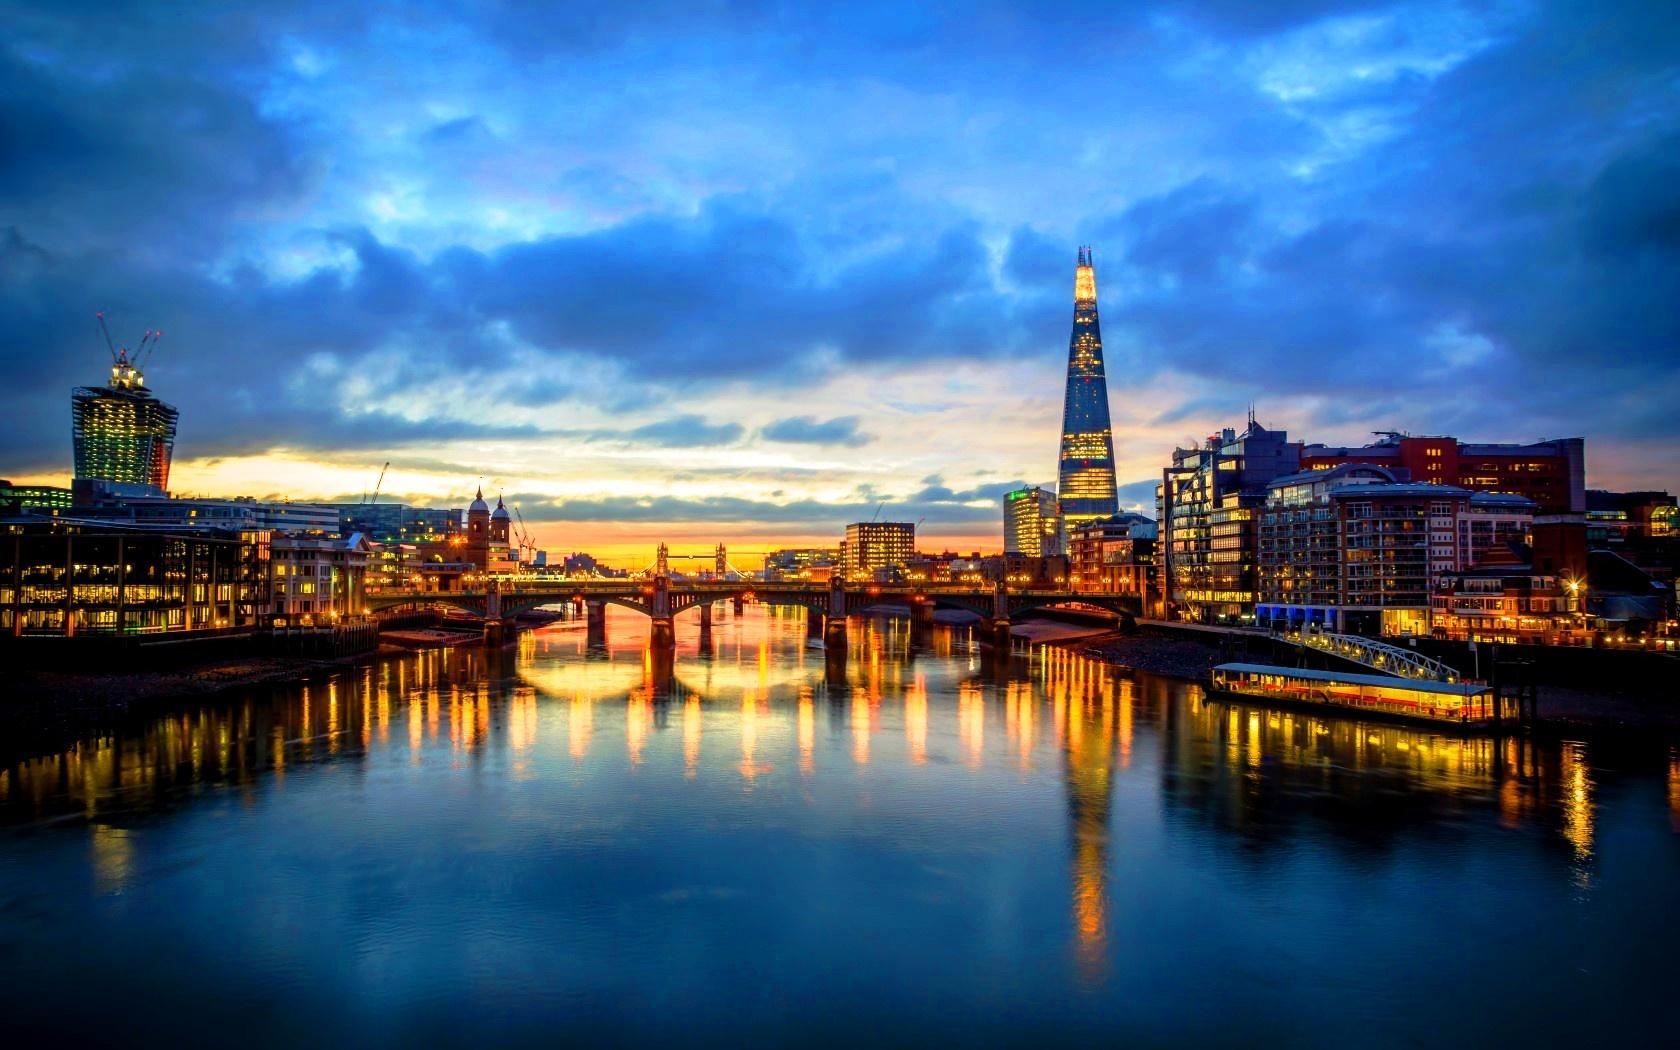 London Skyline Wallpaper - WallpaperSafari